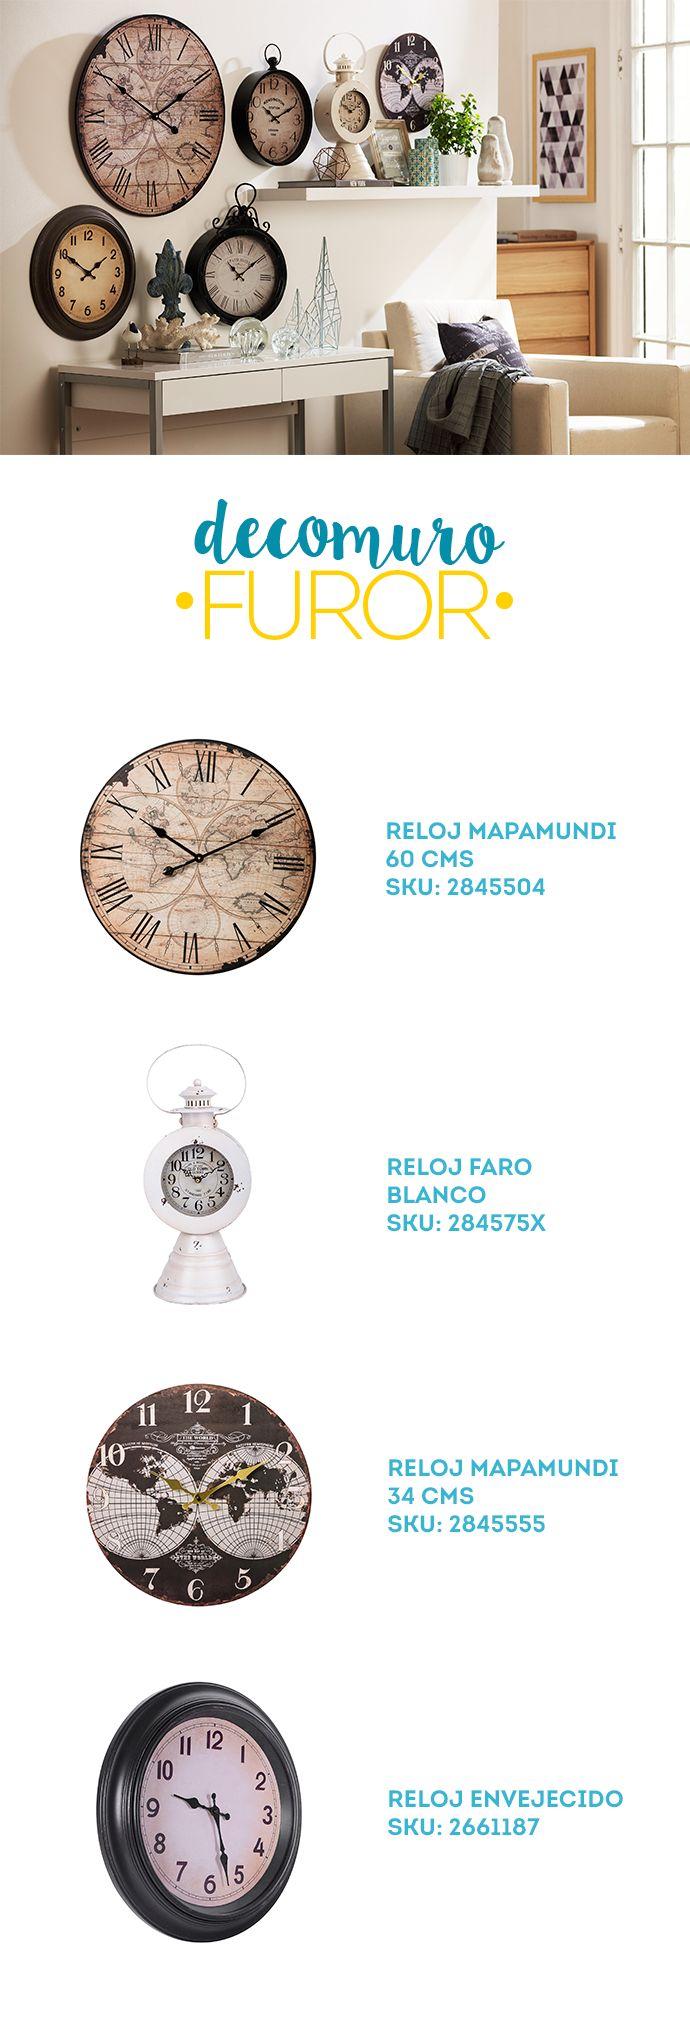 ¿Te animas con una #decoración llena de #relojes? #DecomuroFuror #Decomuro #Pared #Reloj #Deco #Muro